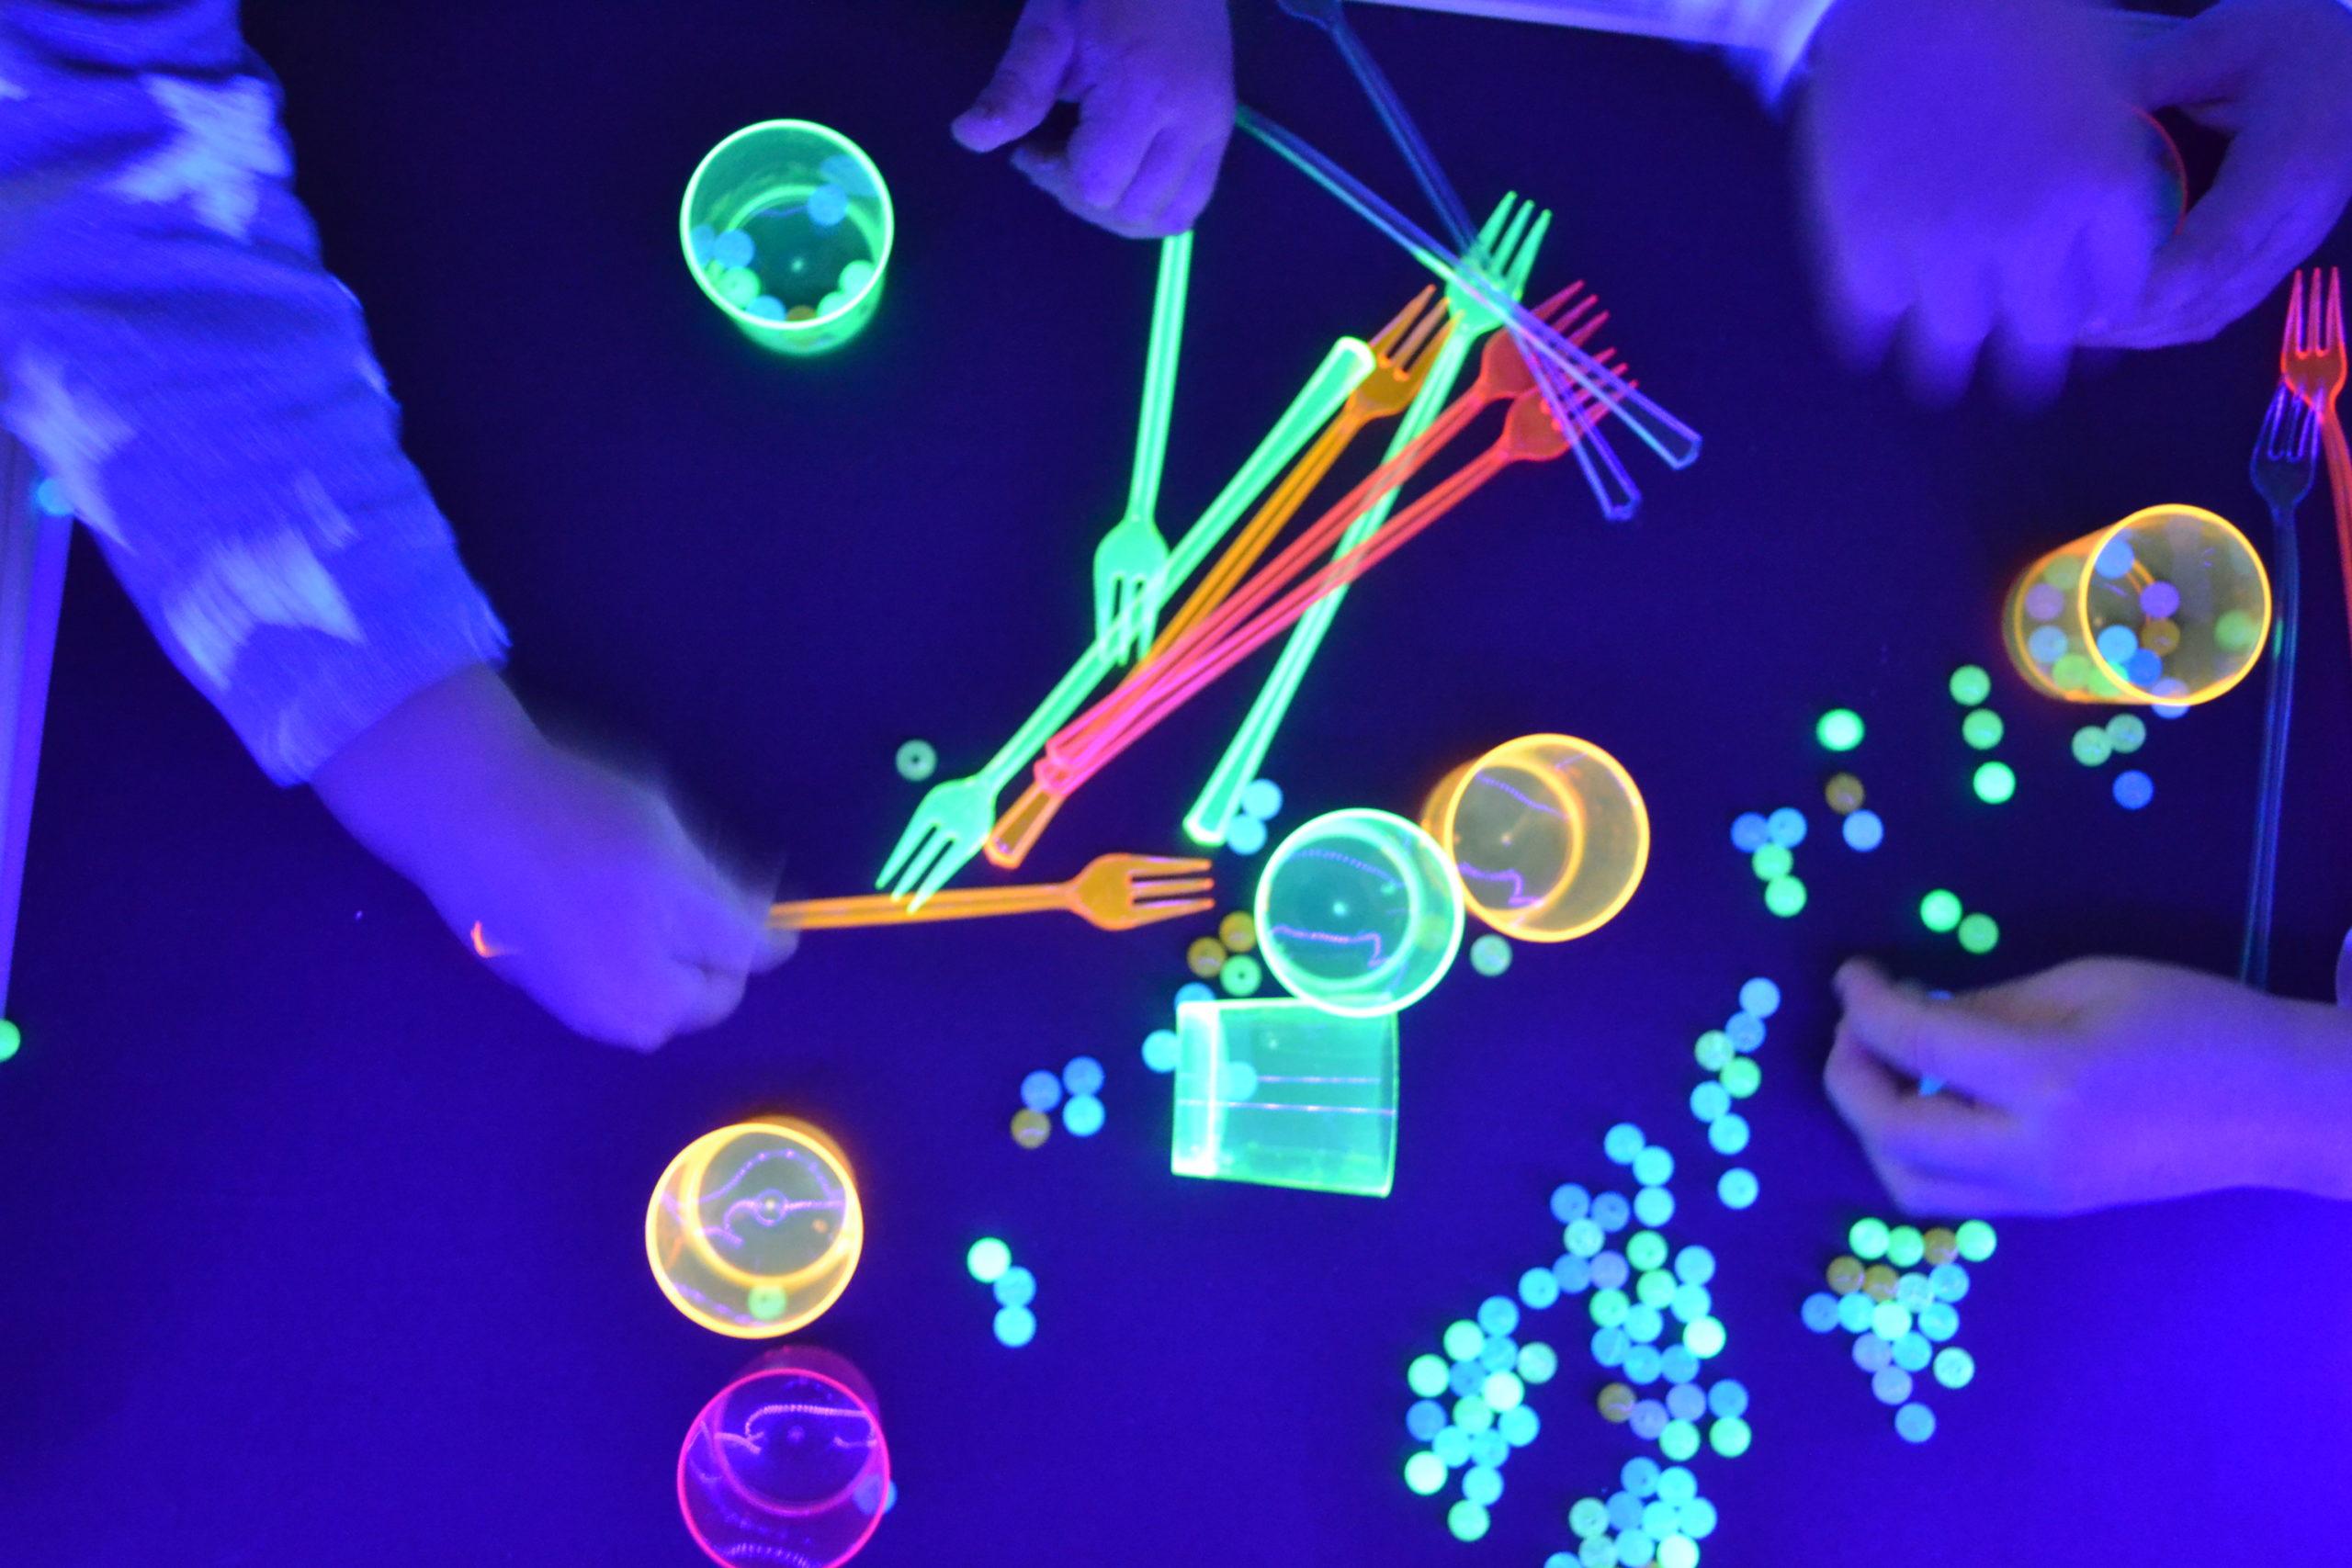 juego de luz negra con vasos y  bolas